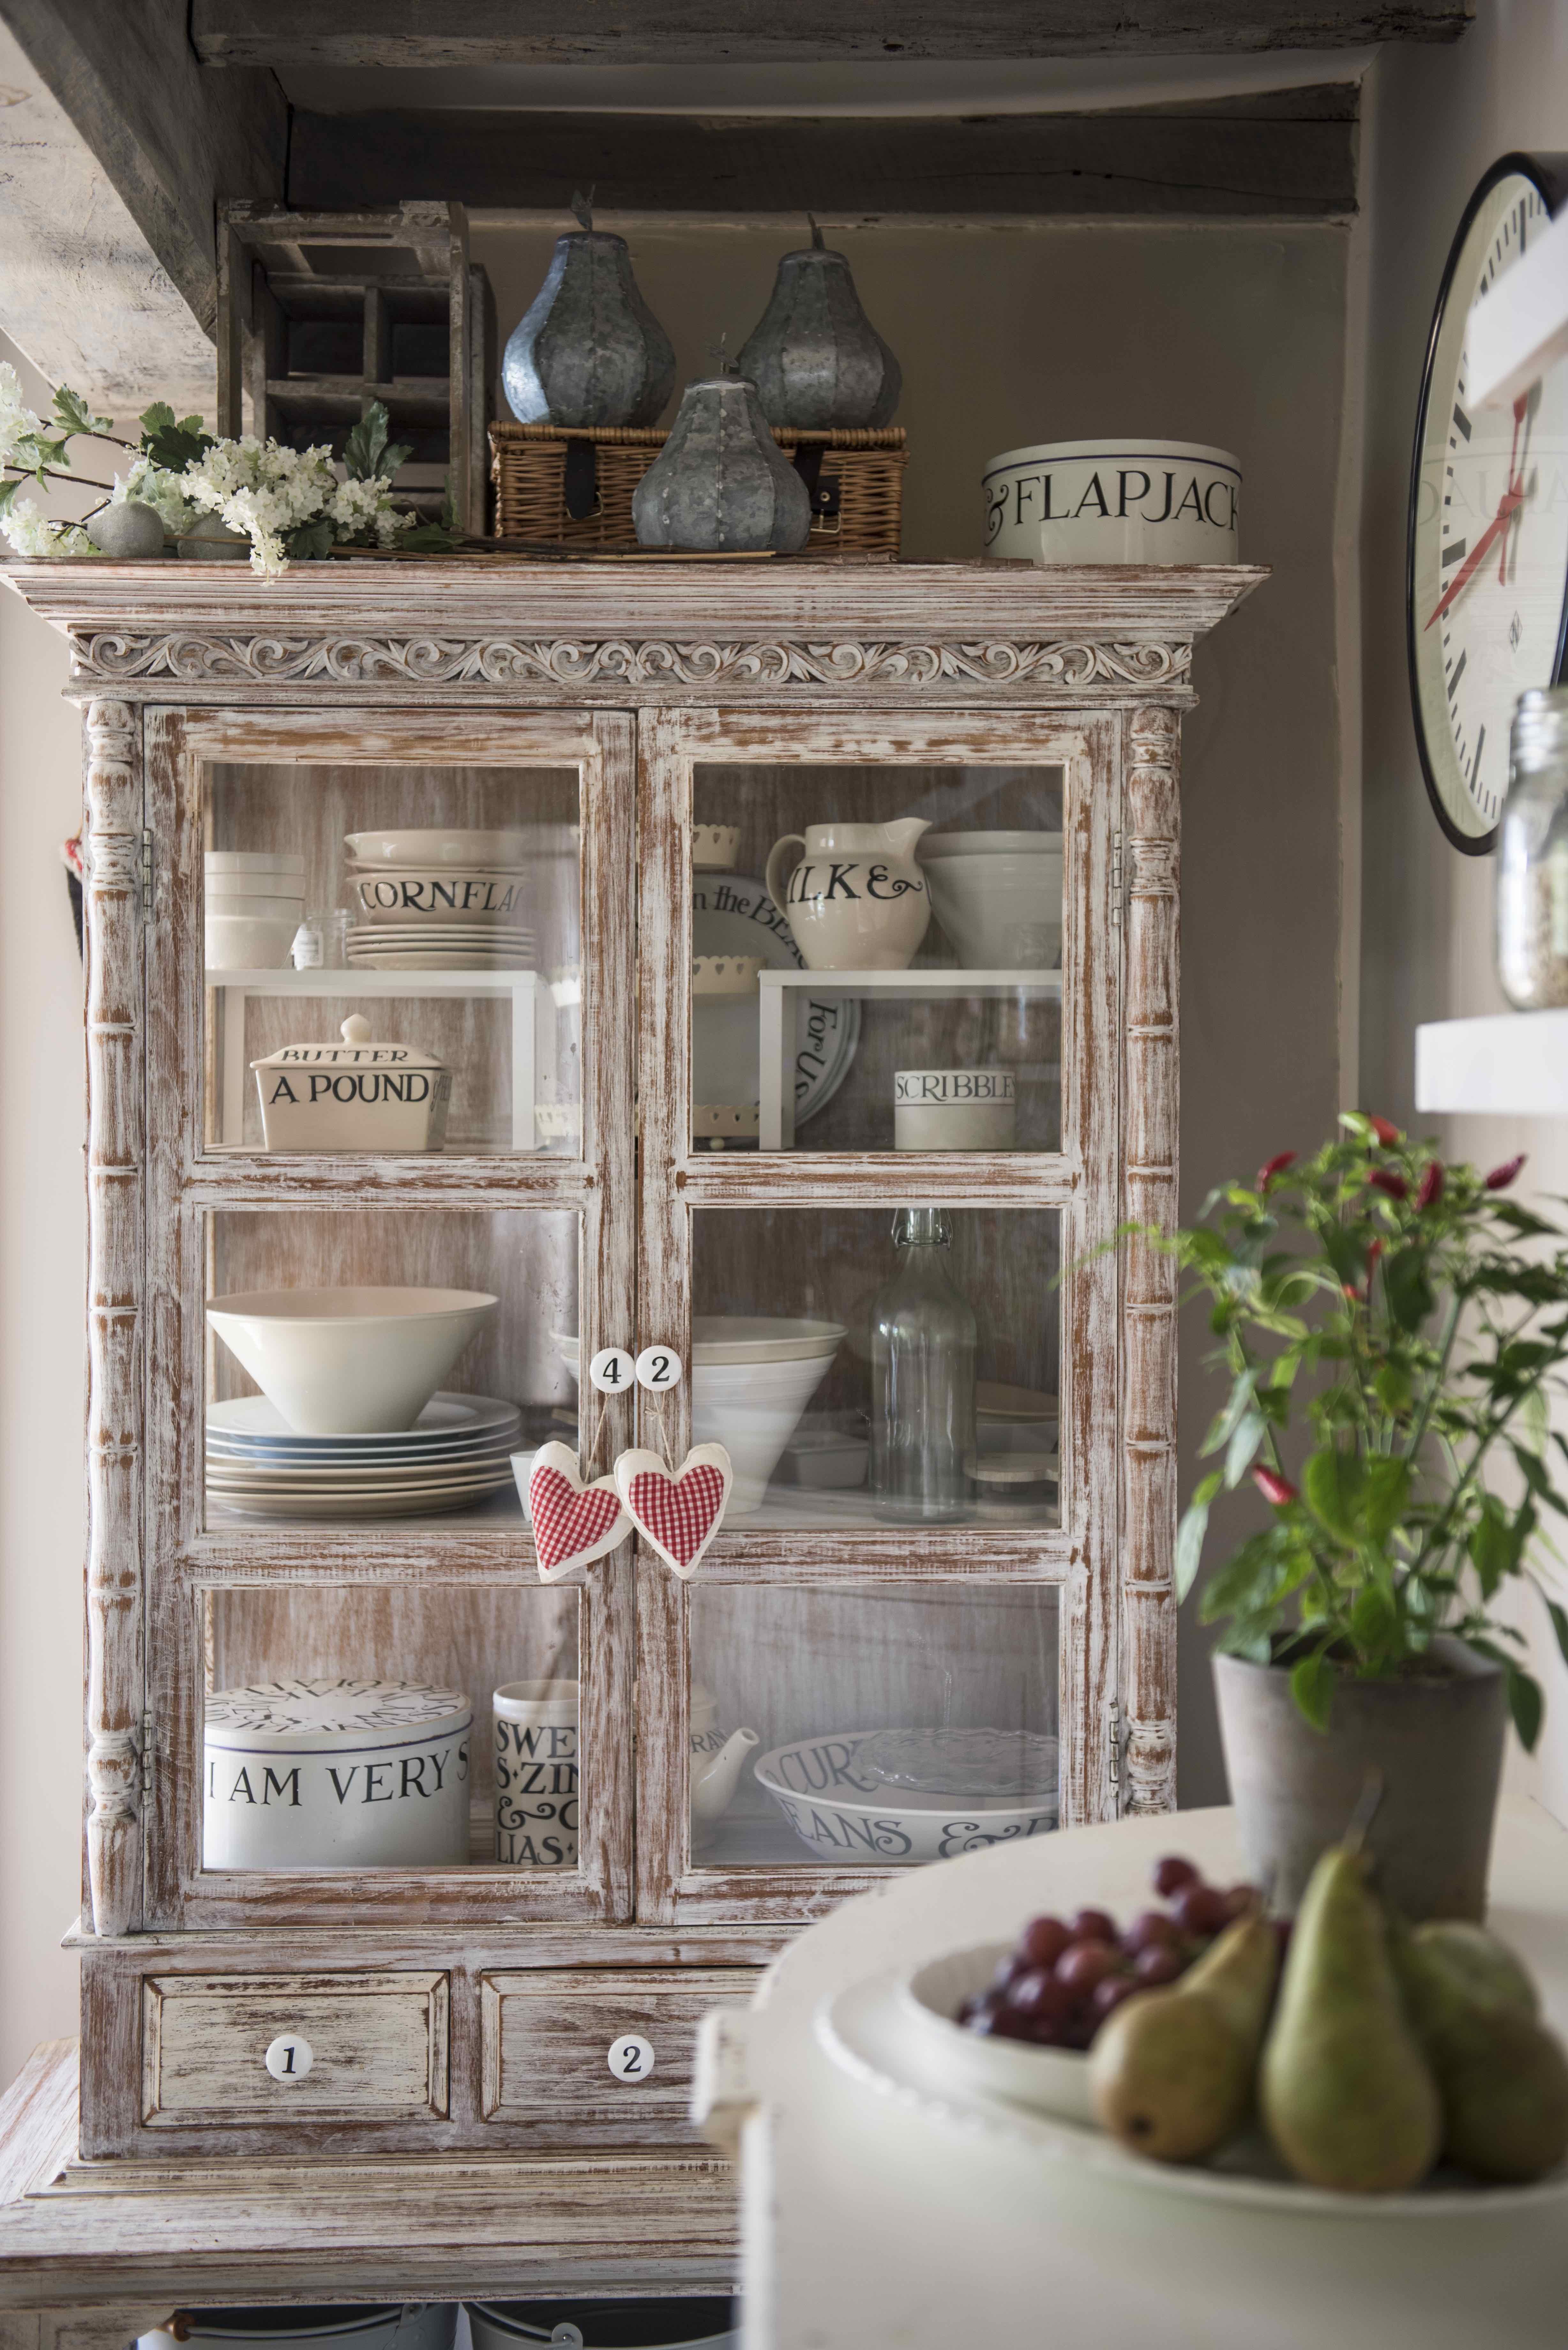 Il cottage di kerrie griffin rogers shabby chic mania by grazia maiolino - Cottage inglesi interni ...